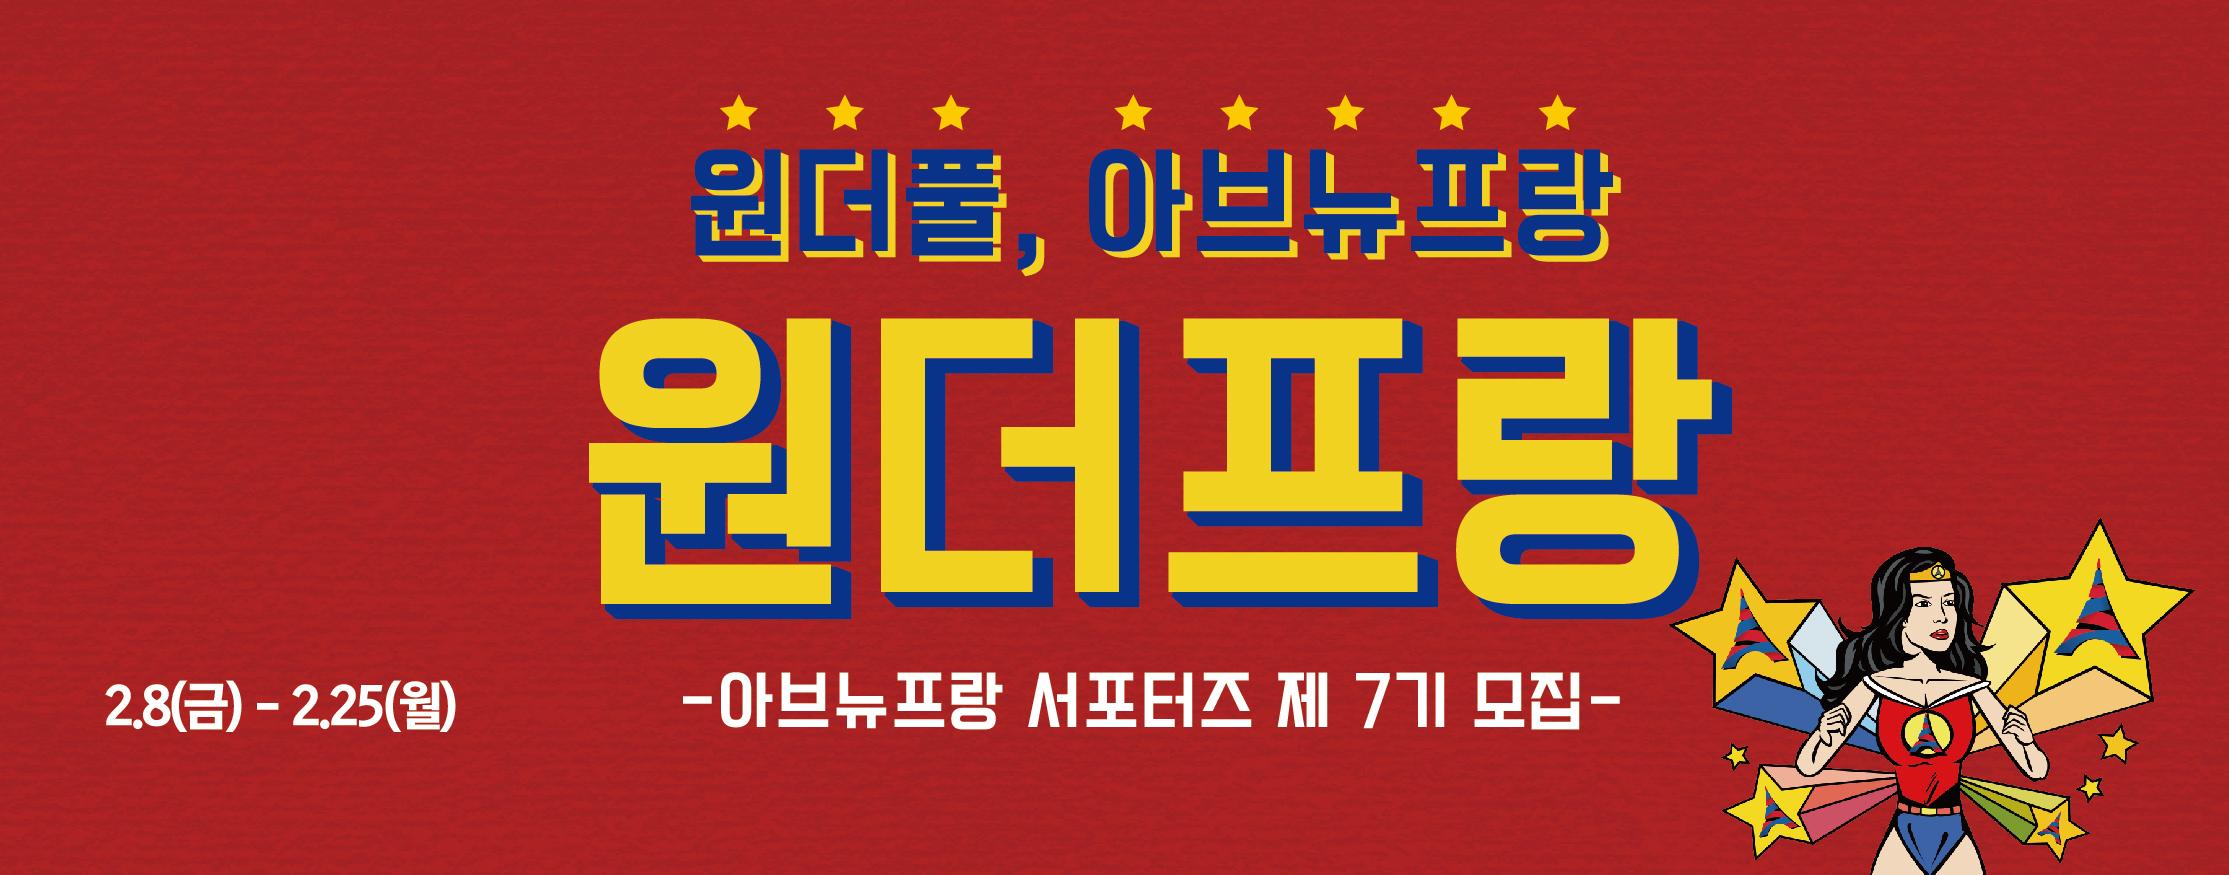 아브뉴프랑 서포터즈 7기 모집 |2019-02-07 ~ 2019-02-28